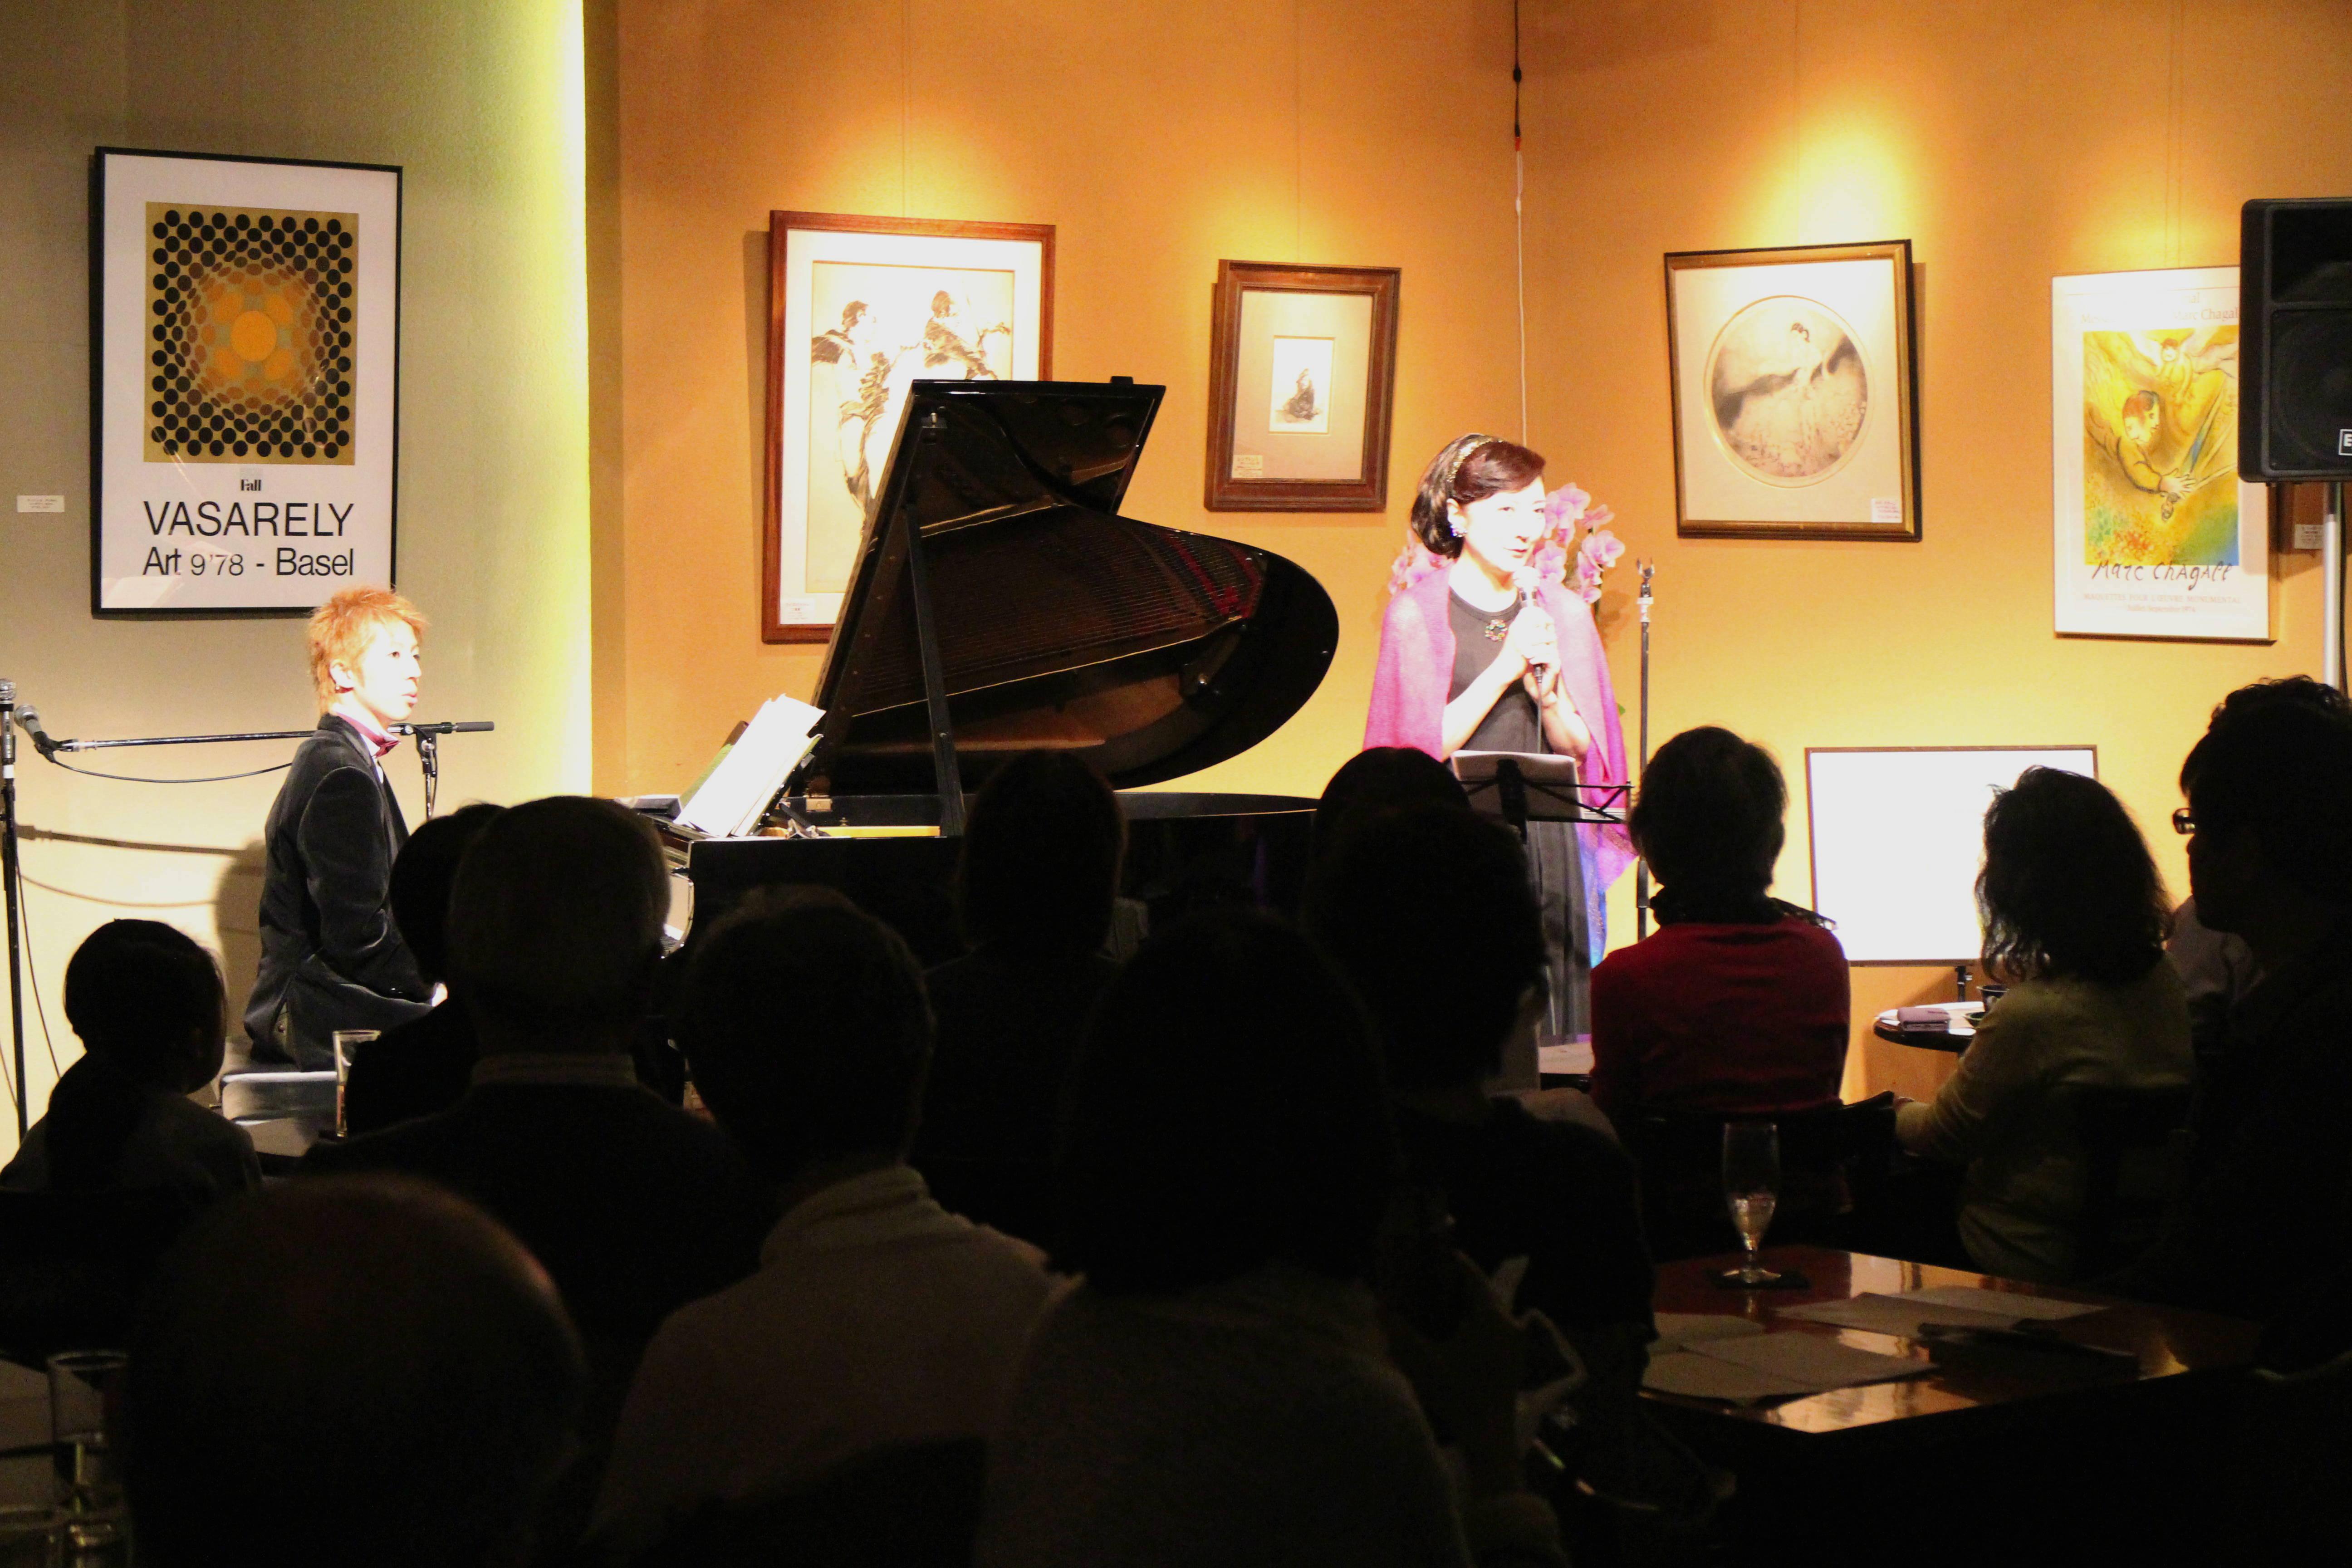 時々日記更新 12月23日 クリスマスコンサート昼の部〜故郷熊本を思う〜 感謝申し上げます